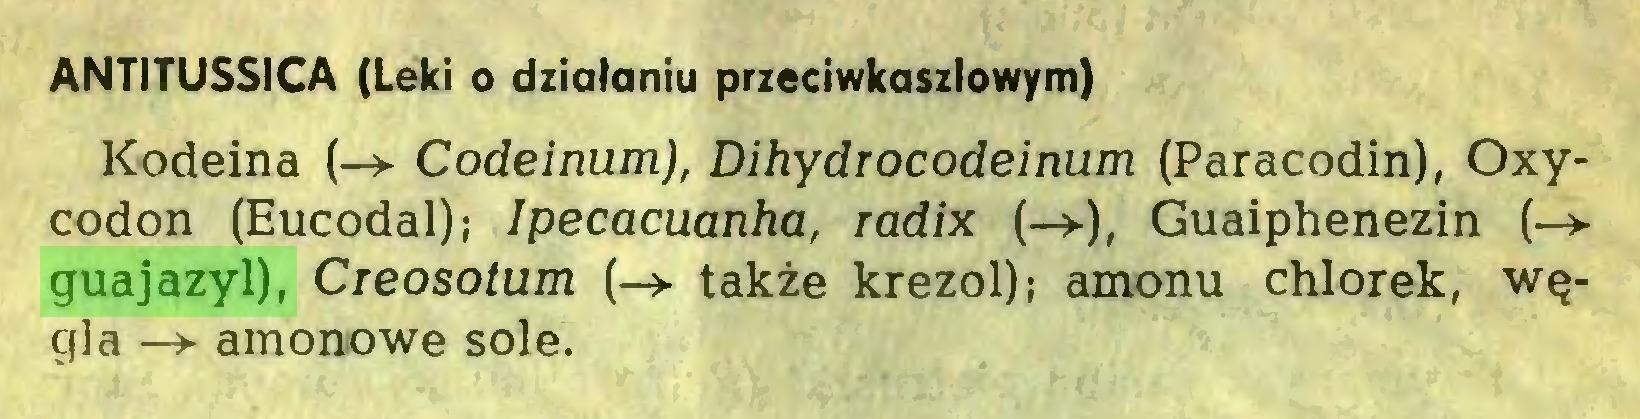 (...) ANTITUSSICA (Leki o działaniu przeciwkaszlowym) Kodeina (-> Codeinum), Dihydrocodeinum (Paracodin), Oxycodon (Eucodal); Ipecacuanha, radix (->), Guaiphenezin (->guajazyl), Creosotum (-> także krezol); amonu chlorek, węgla -> amonowe sole...